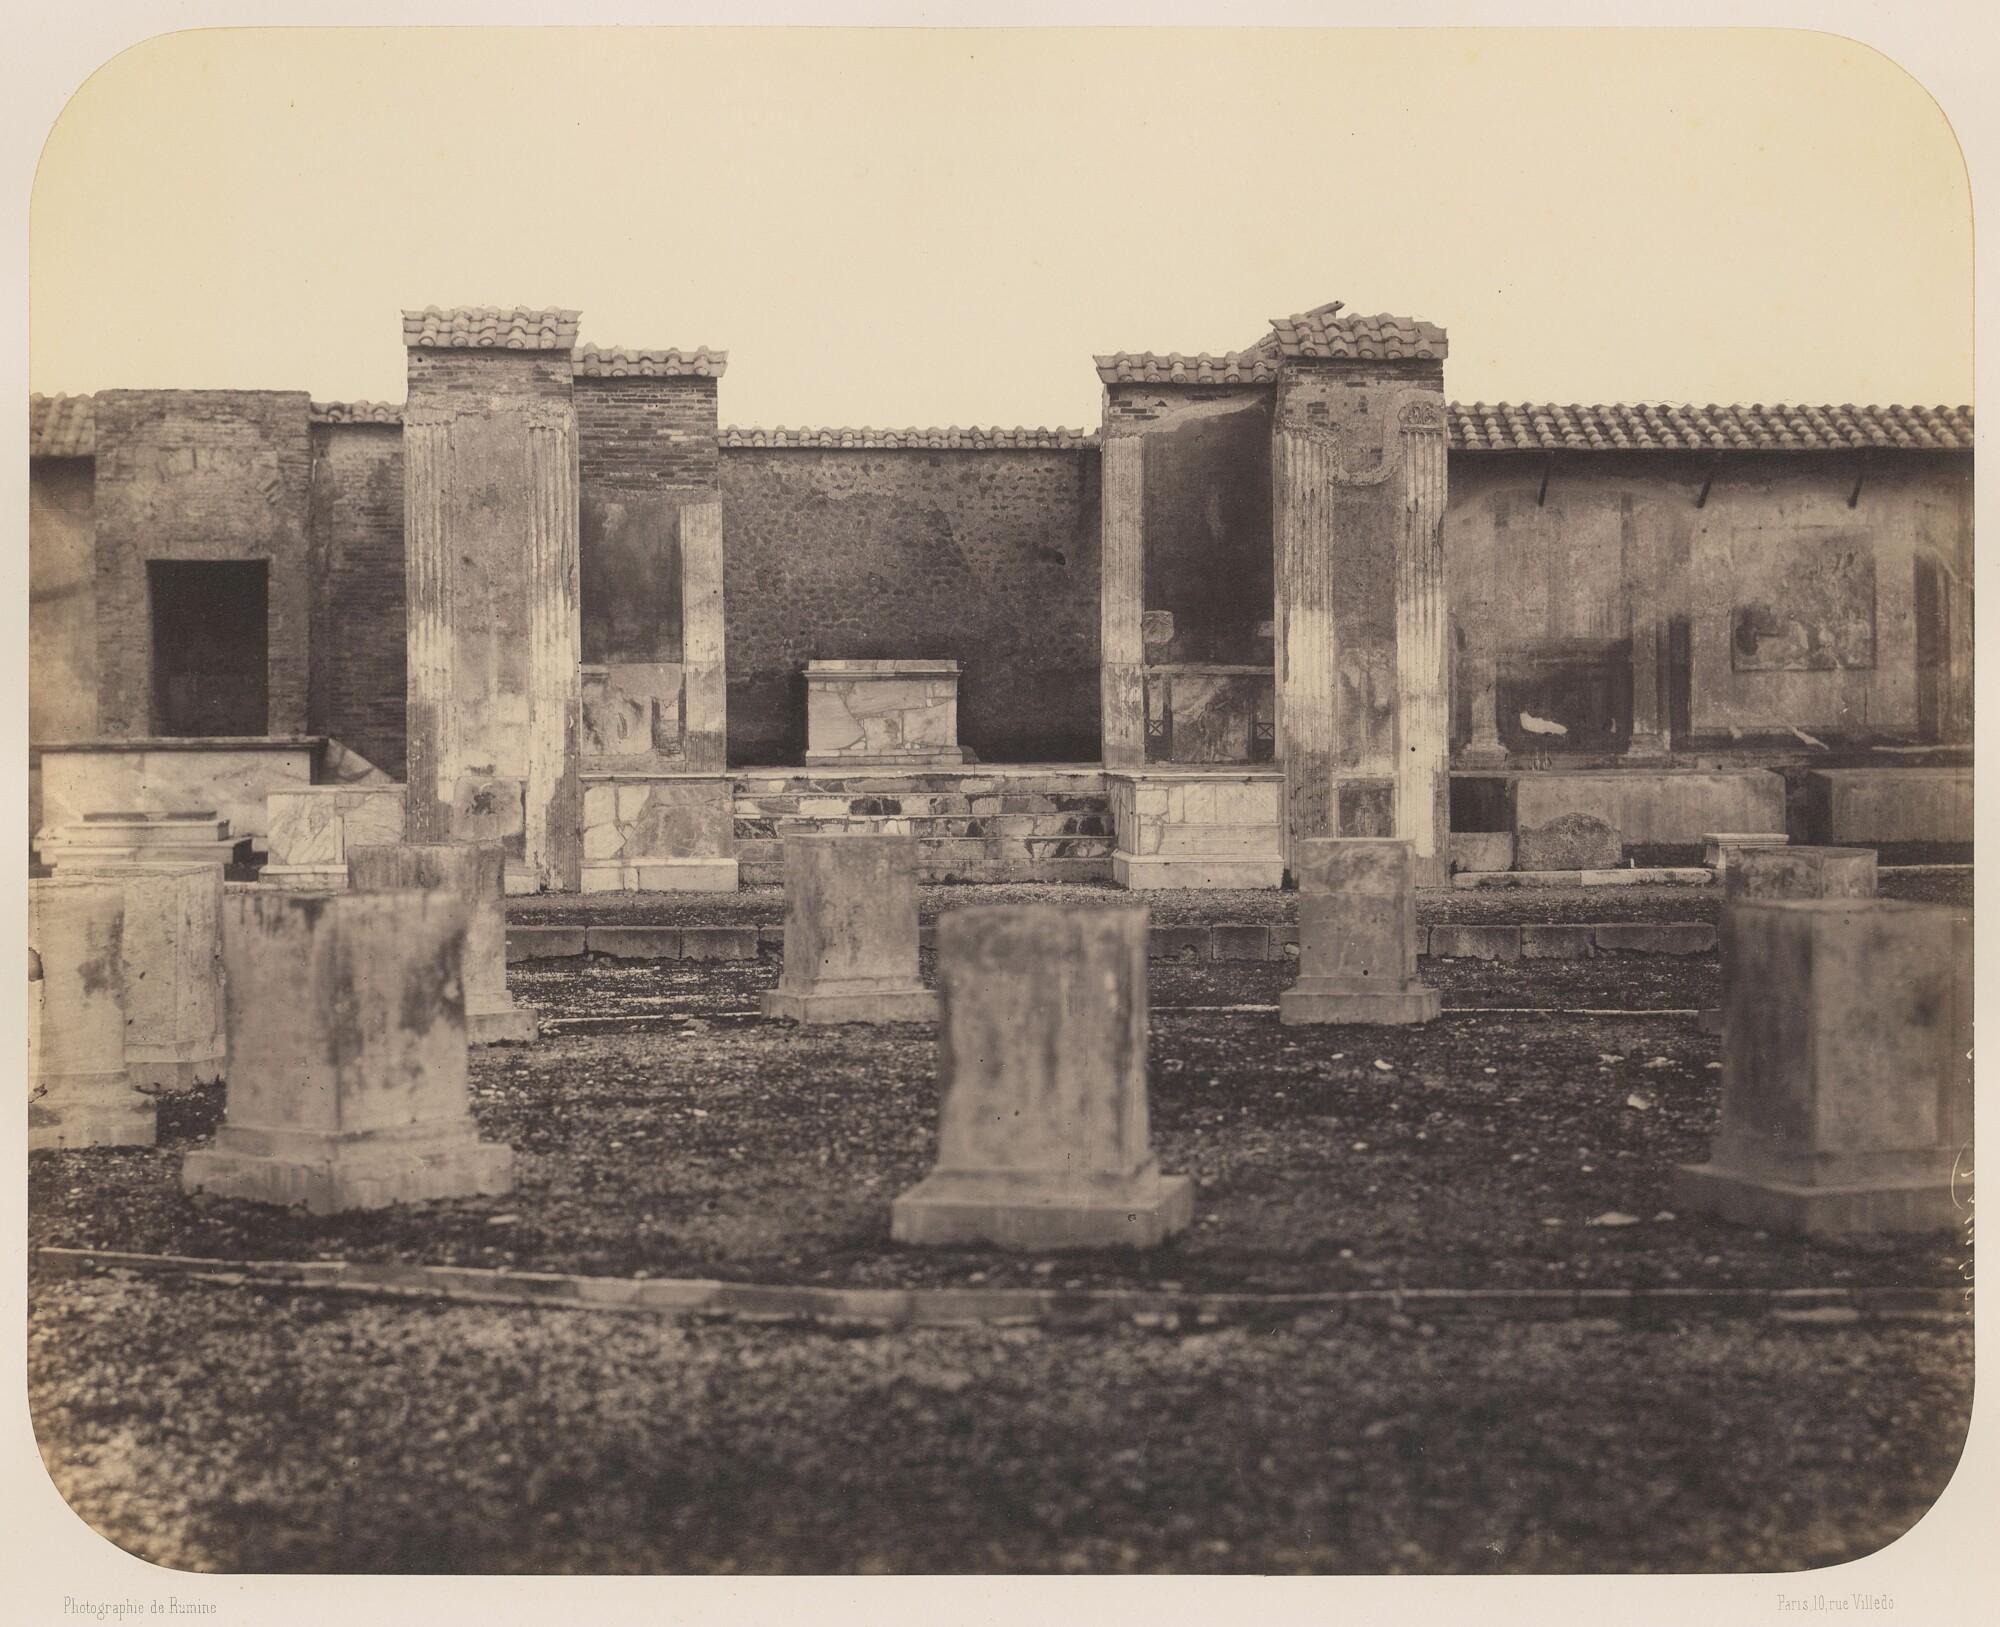 Гавриил Рюмин.    Храм Веспасиана. Помпеи,1859   Альбуминовый отпечаток